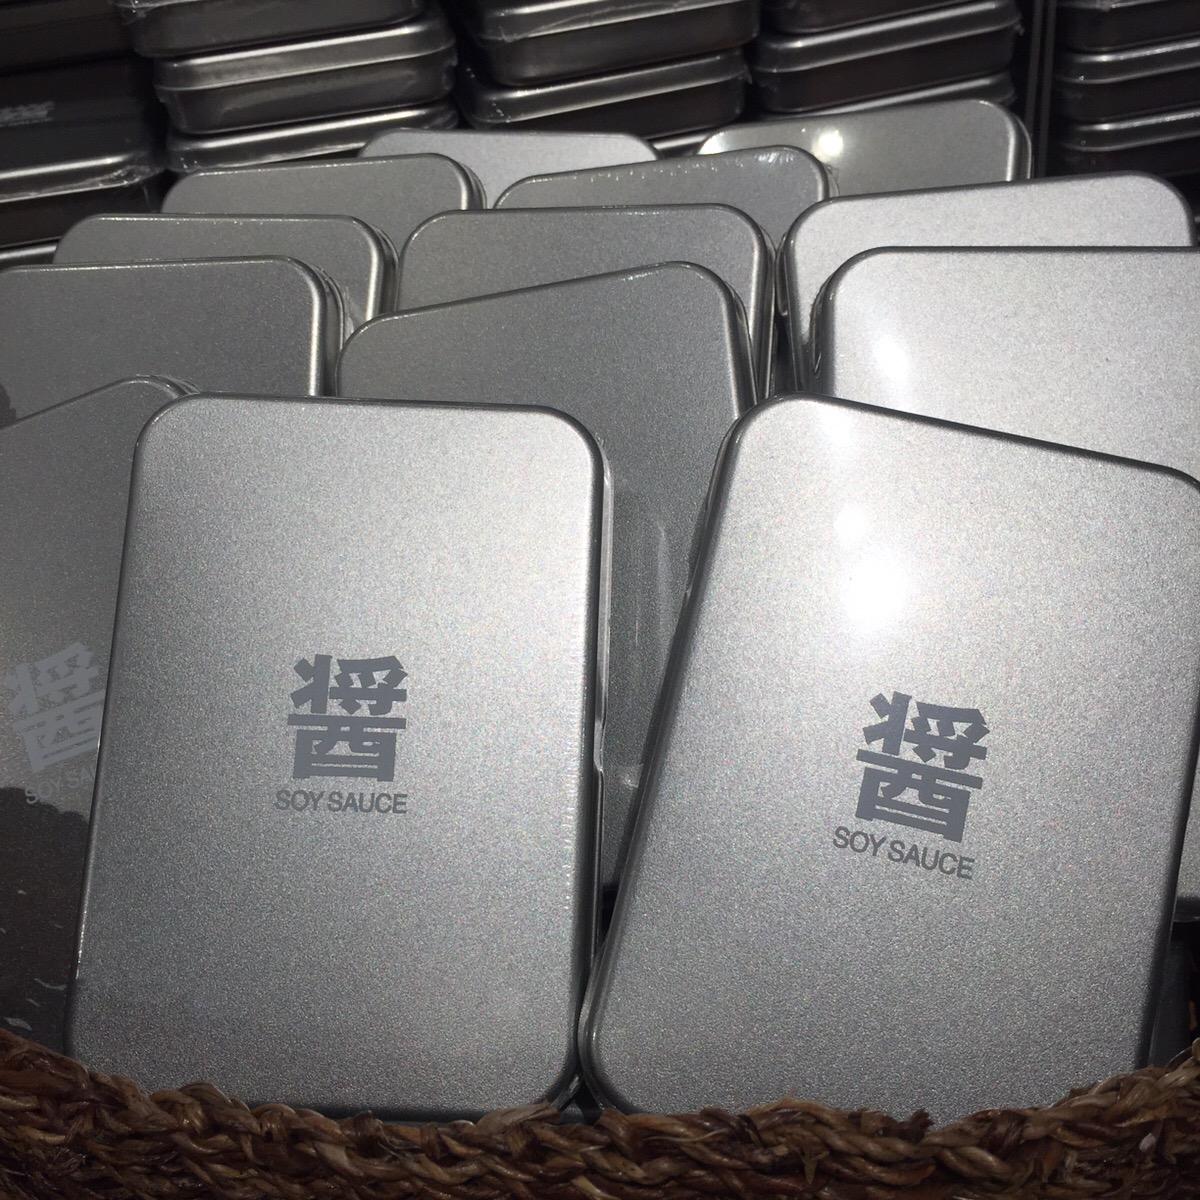 1階に並ぶ、銀座ならではのお土産アイテムが熱い。おすすめは写真の「醤油」をはじめ、6種揃った「おみやげ缶」シリーズ。海外出張のお土産にも大ウケするはず。¥454